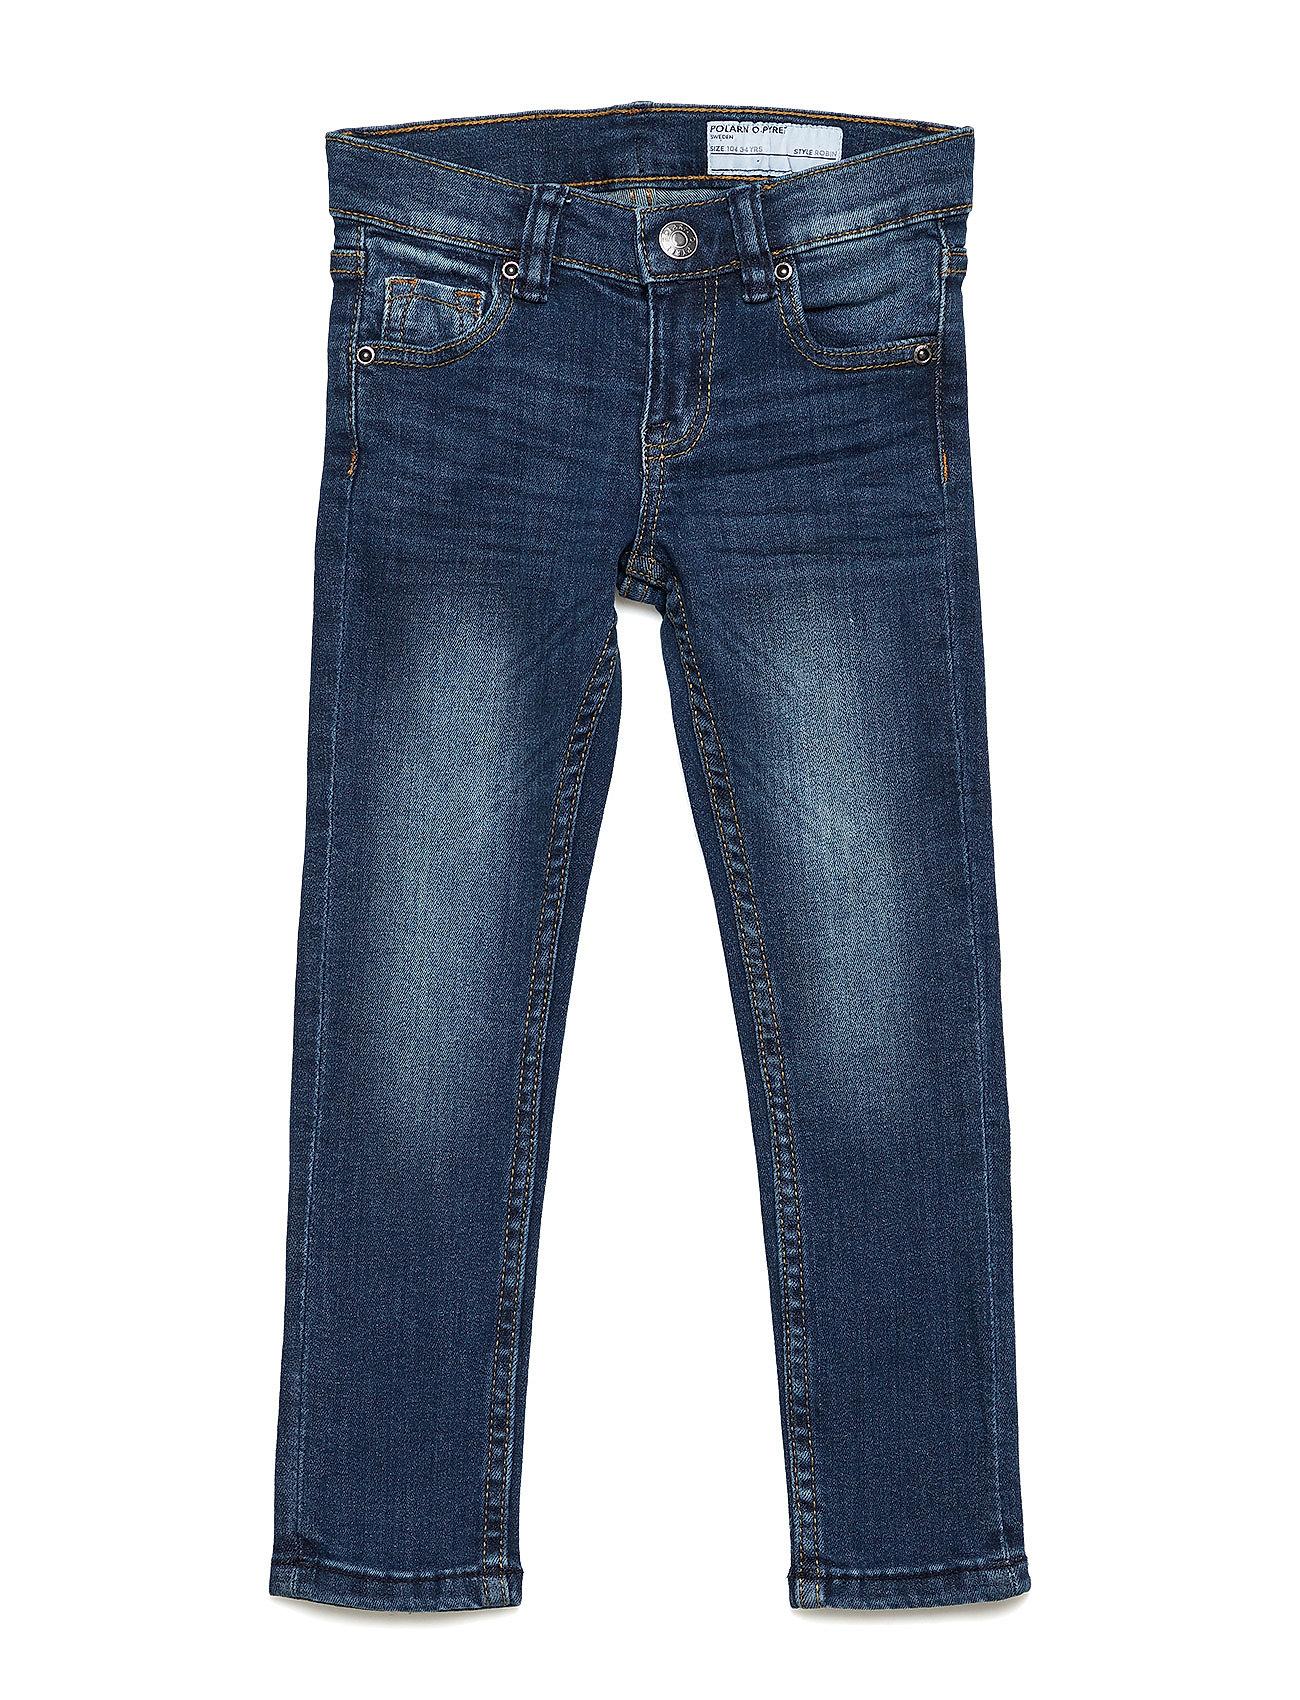 Polarn O. Pyret Jeans Slim Preschool - BLUE DENIM